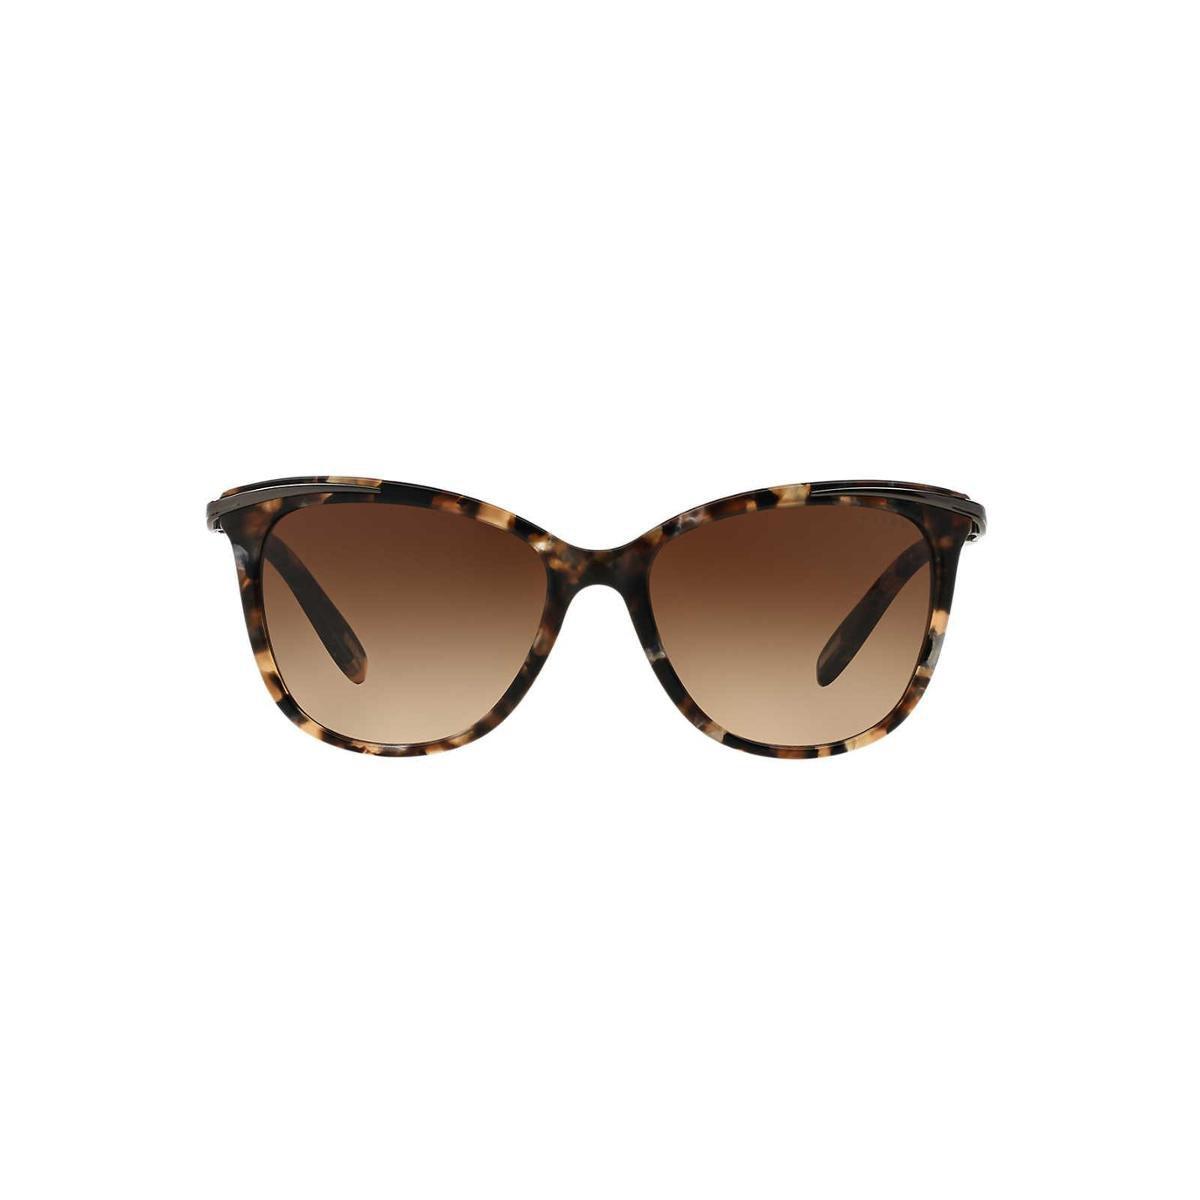 Óculos de Sol Ralph Gatinho RA5203 Feminino - Compre Agora   Zattini e9c1d32abc